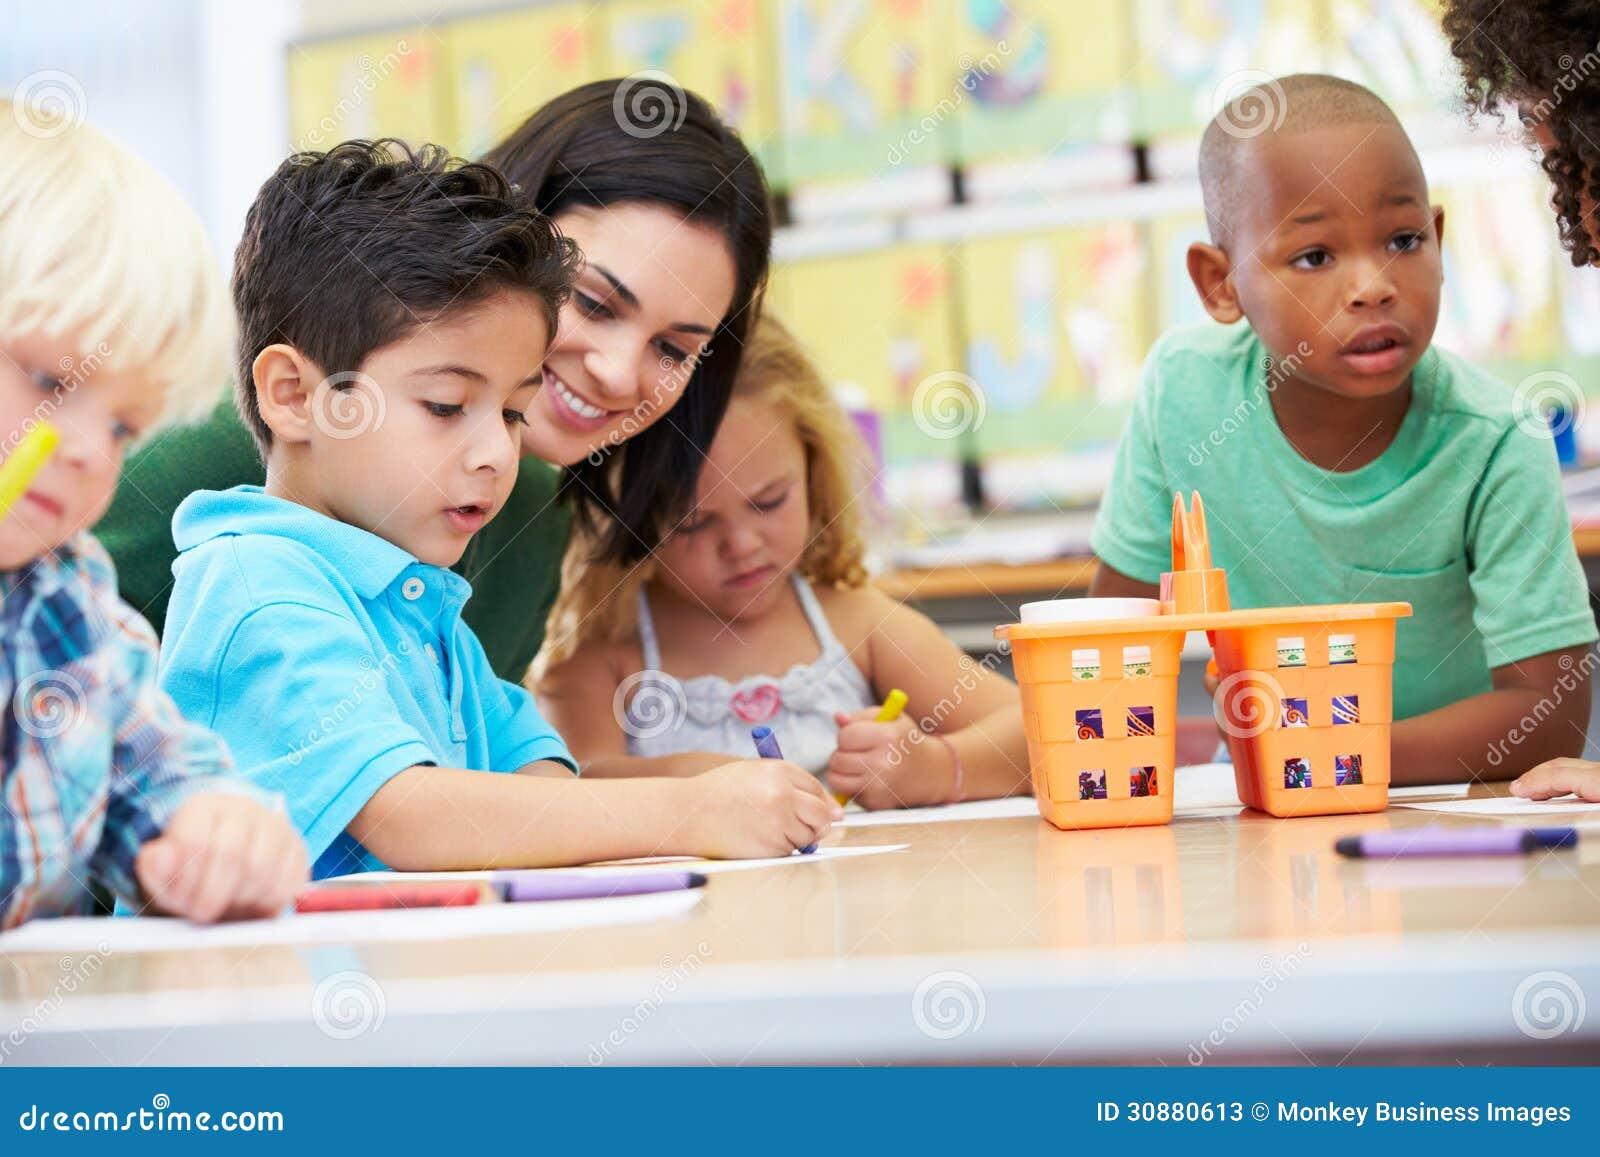 how to become an elementary art teacher